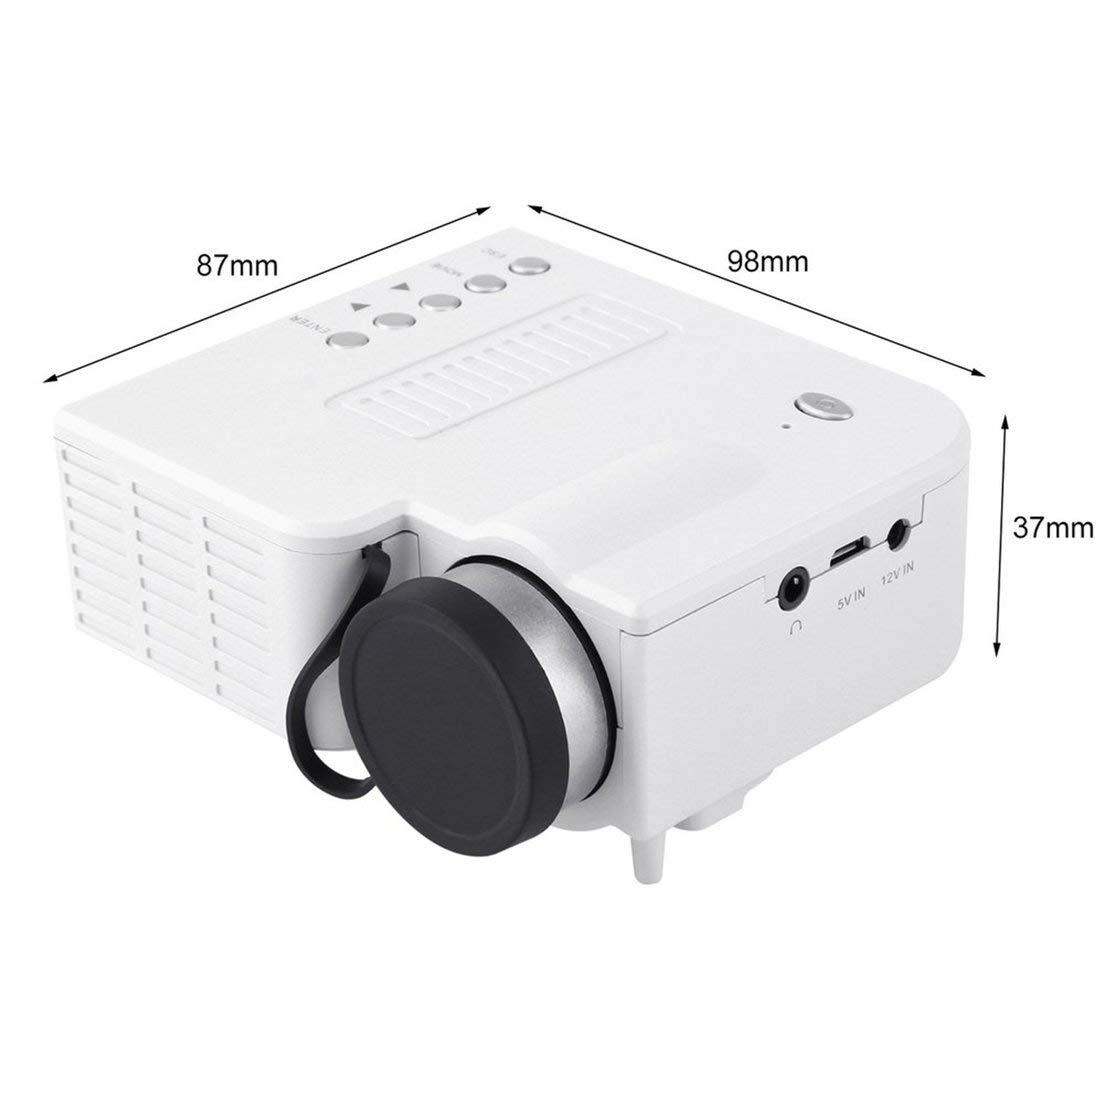 LouiseEvel215 Mini proiettore Portatile UC28A 1080P Multimedia Home Cinema Theater USB TF HDMI AV LED Beamer Proiettore per Uso Domestico